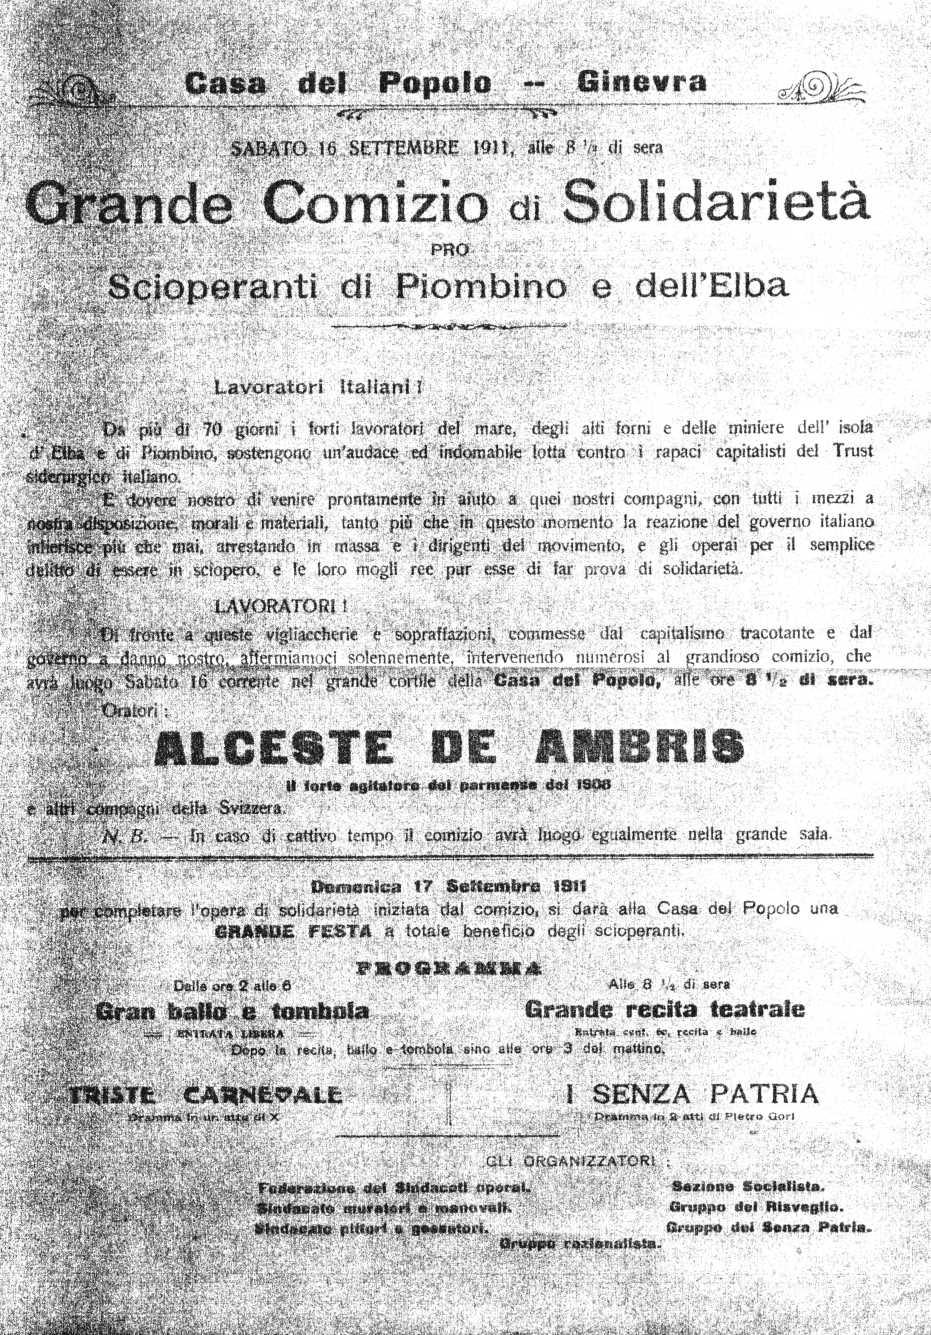 Pamflet de convocatòria de l'acte